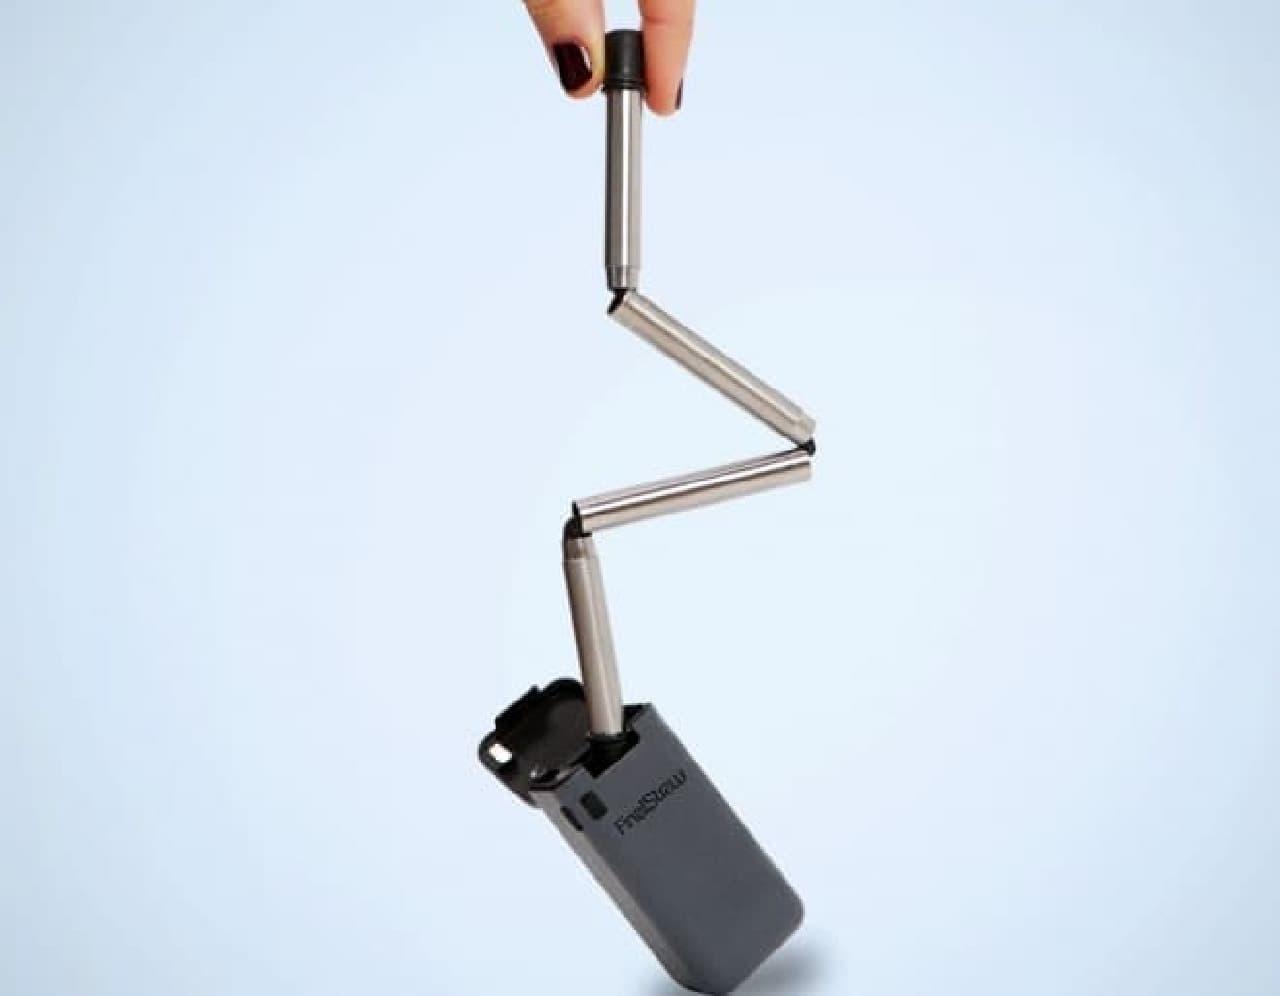 キーホルダーに付けられる折り畳みストロー「FinalStraw」